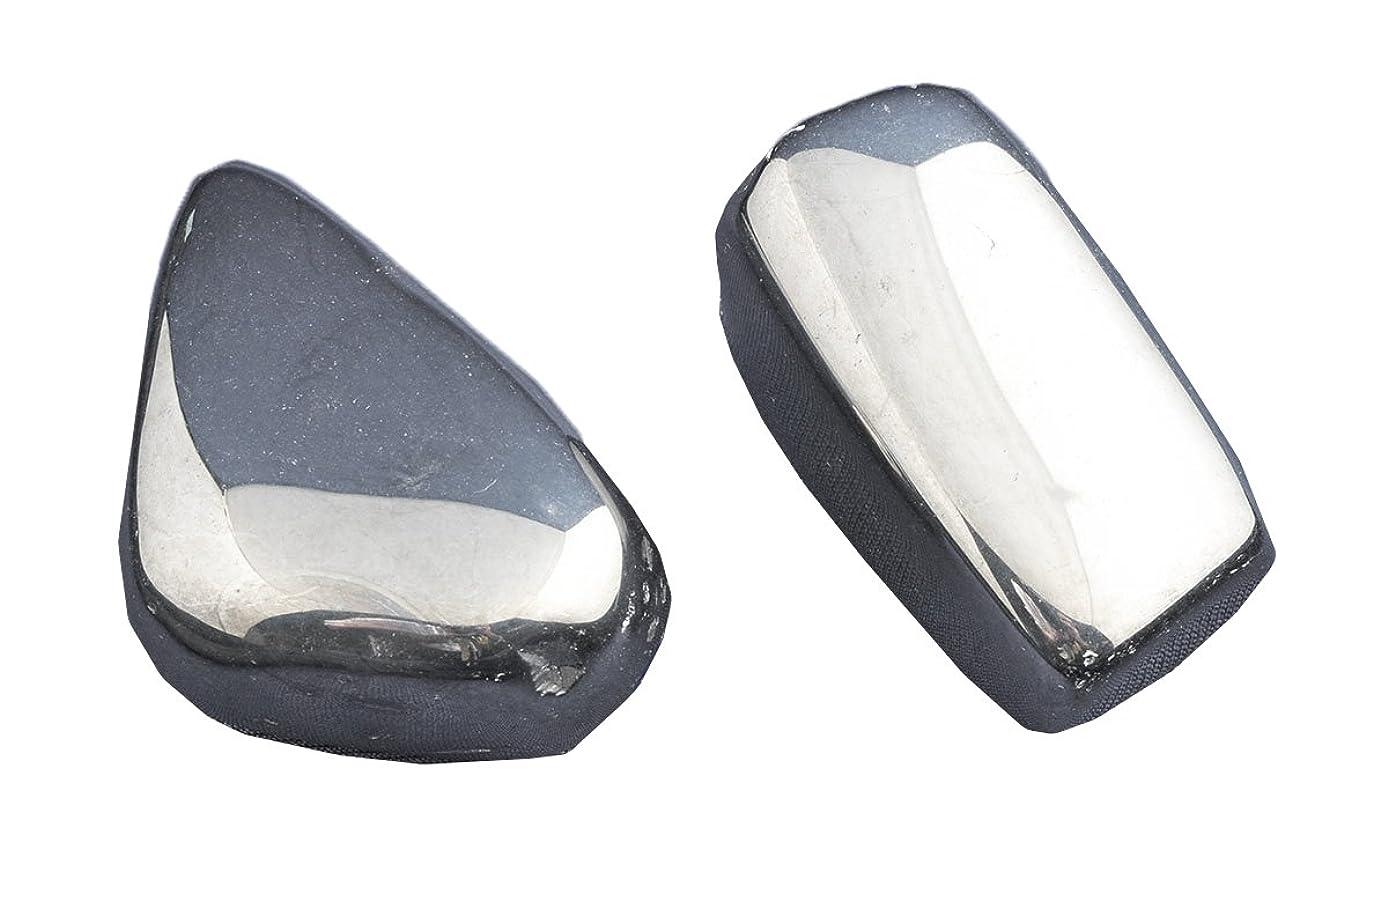 メロドラマアーサーコナンドイル品揃えNatural Pure ドクターノバリア テラヘルツ ソニックストーン リフトアップ&小顔対応 1個約50~55グラム前後 2個セット 本物の証